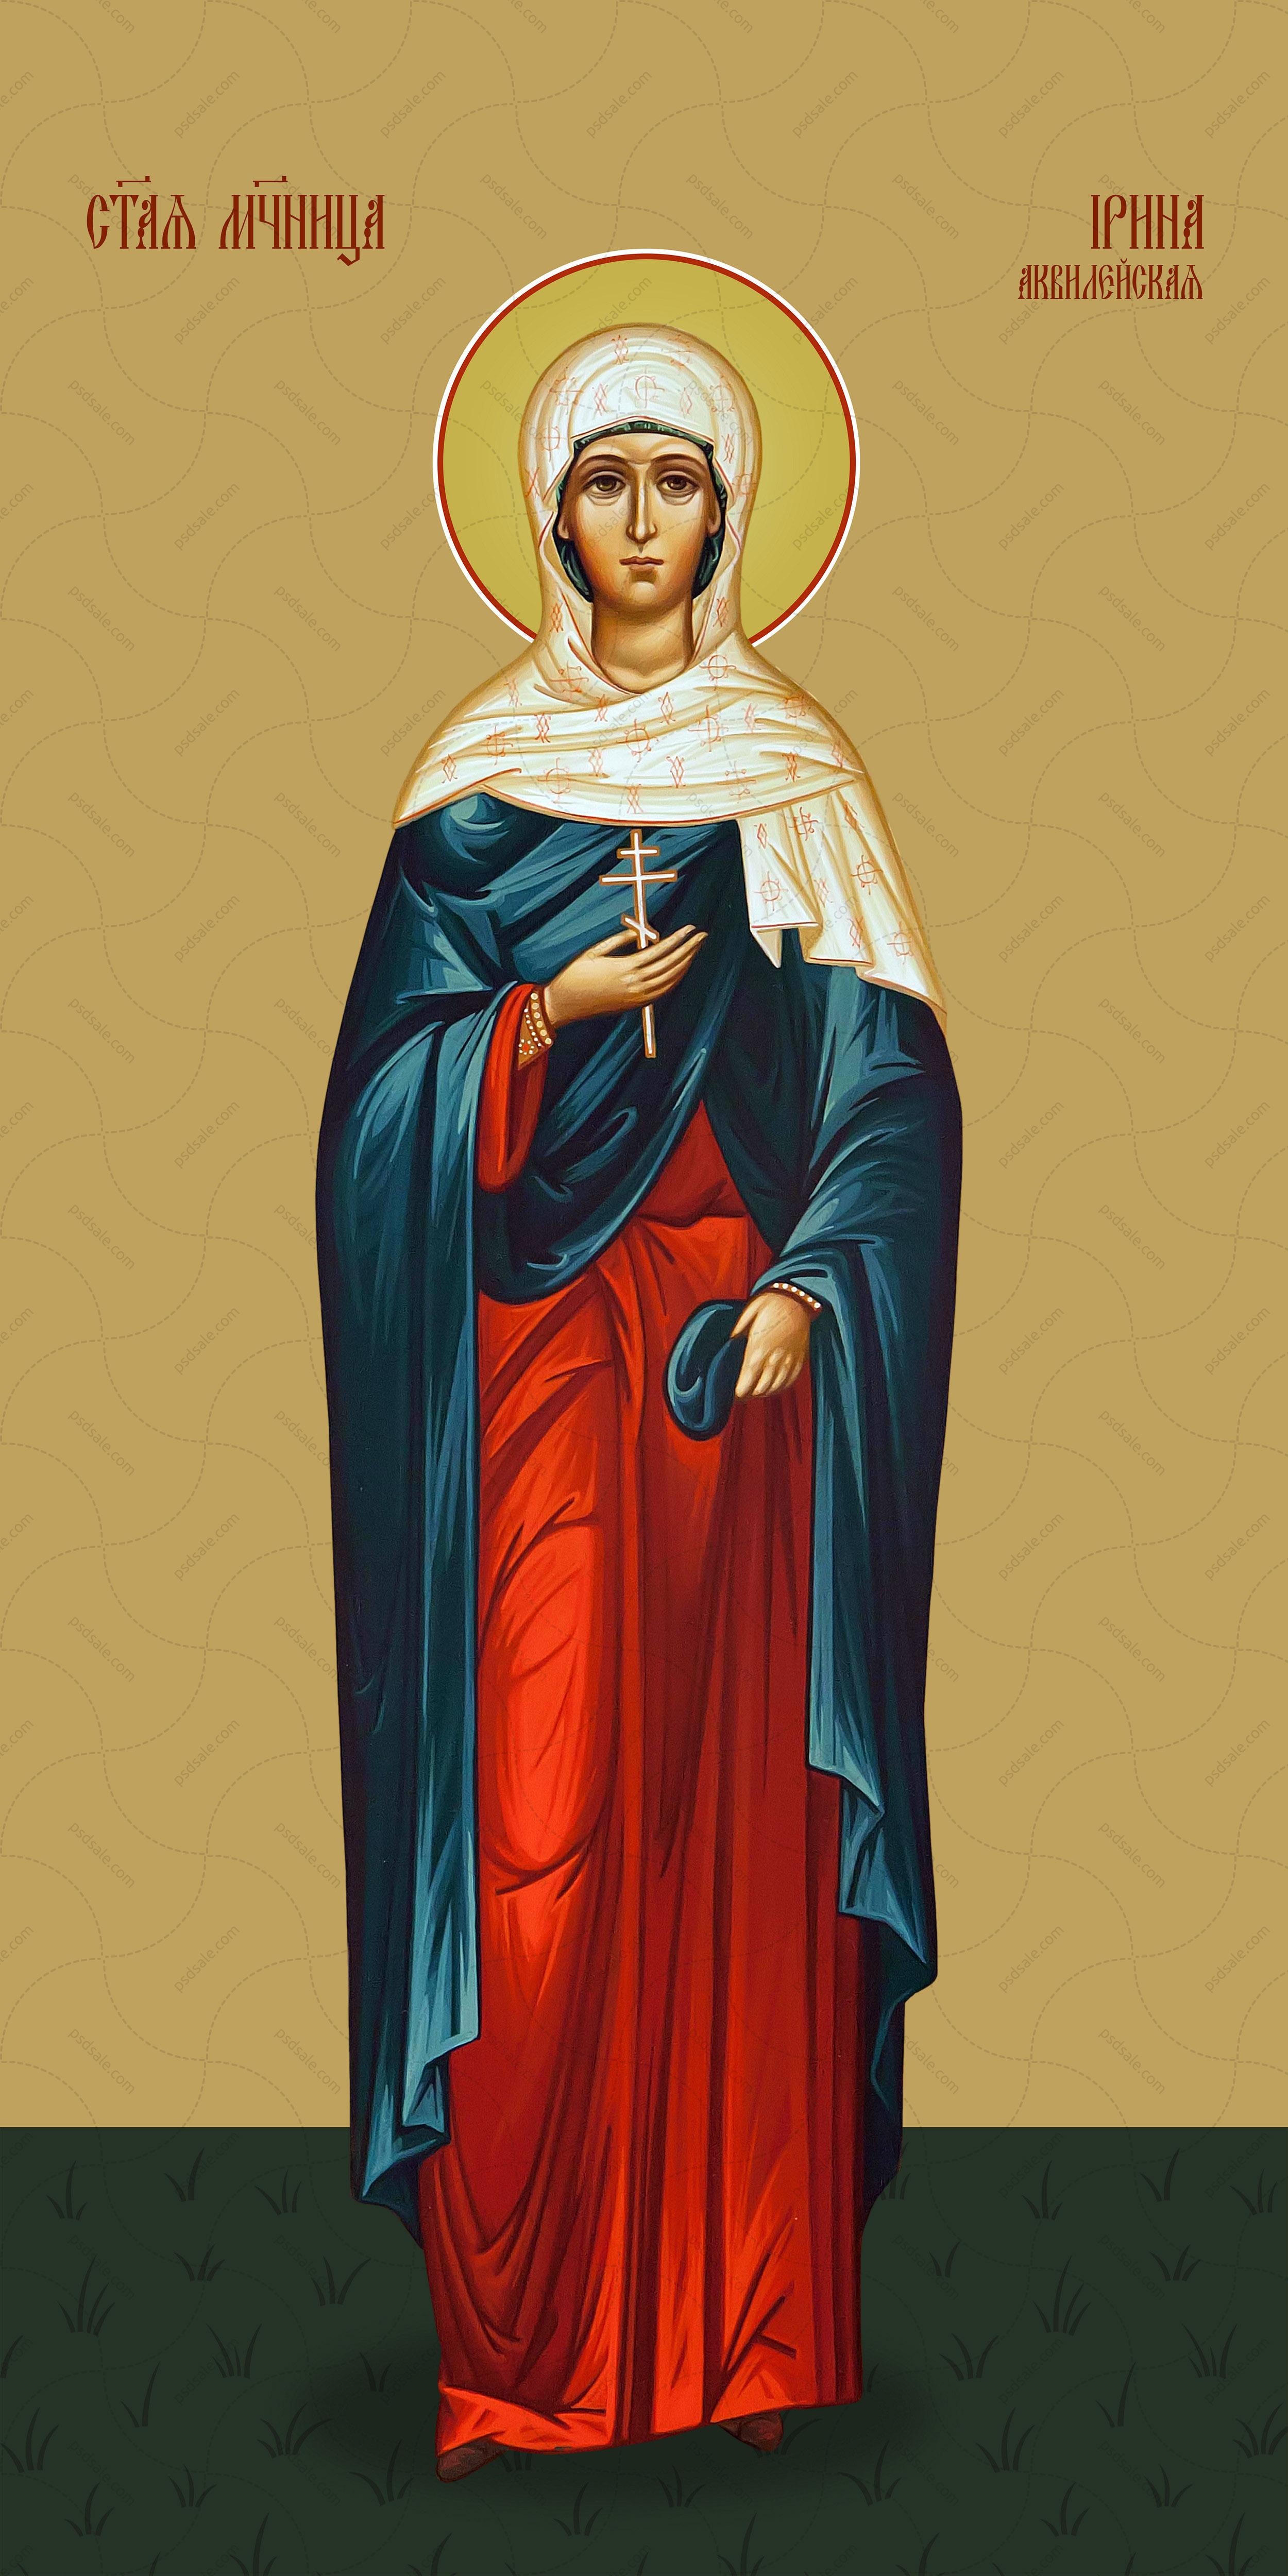 Мерная икона, Ирина Аквилейская, мученица